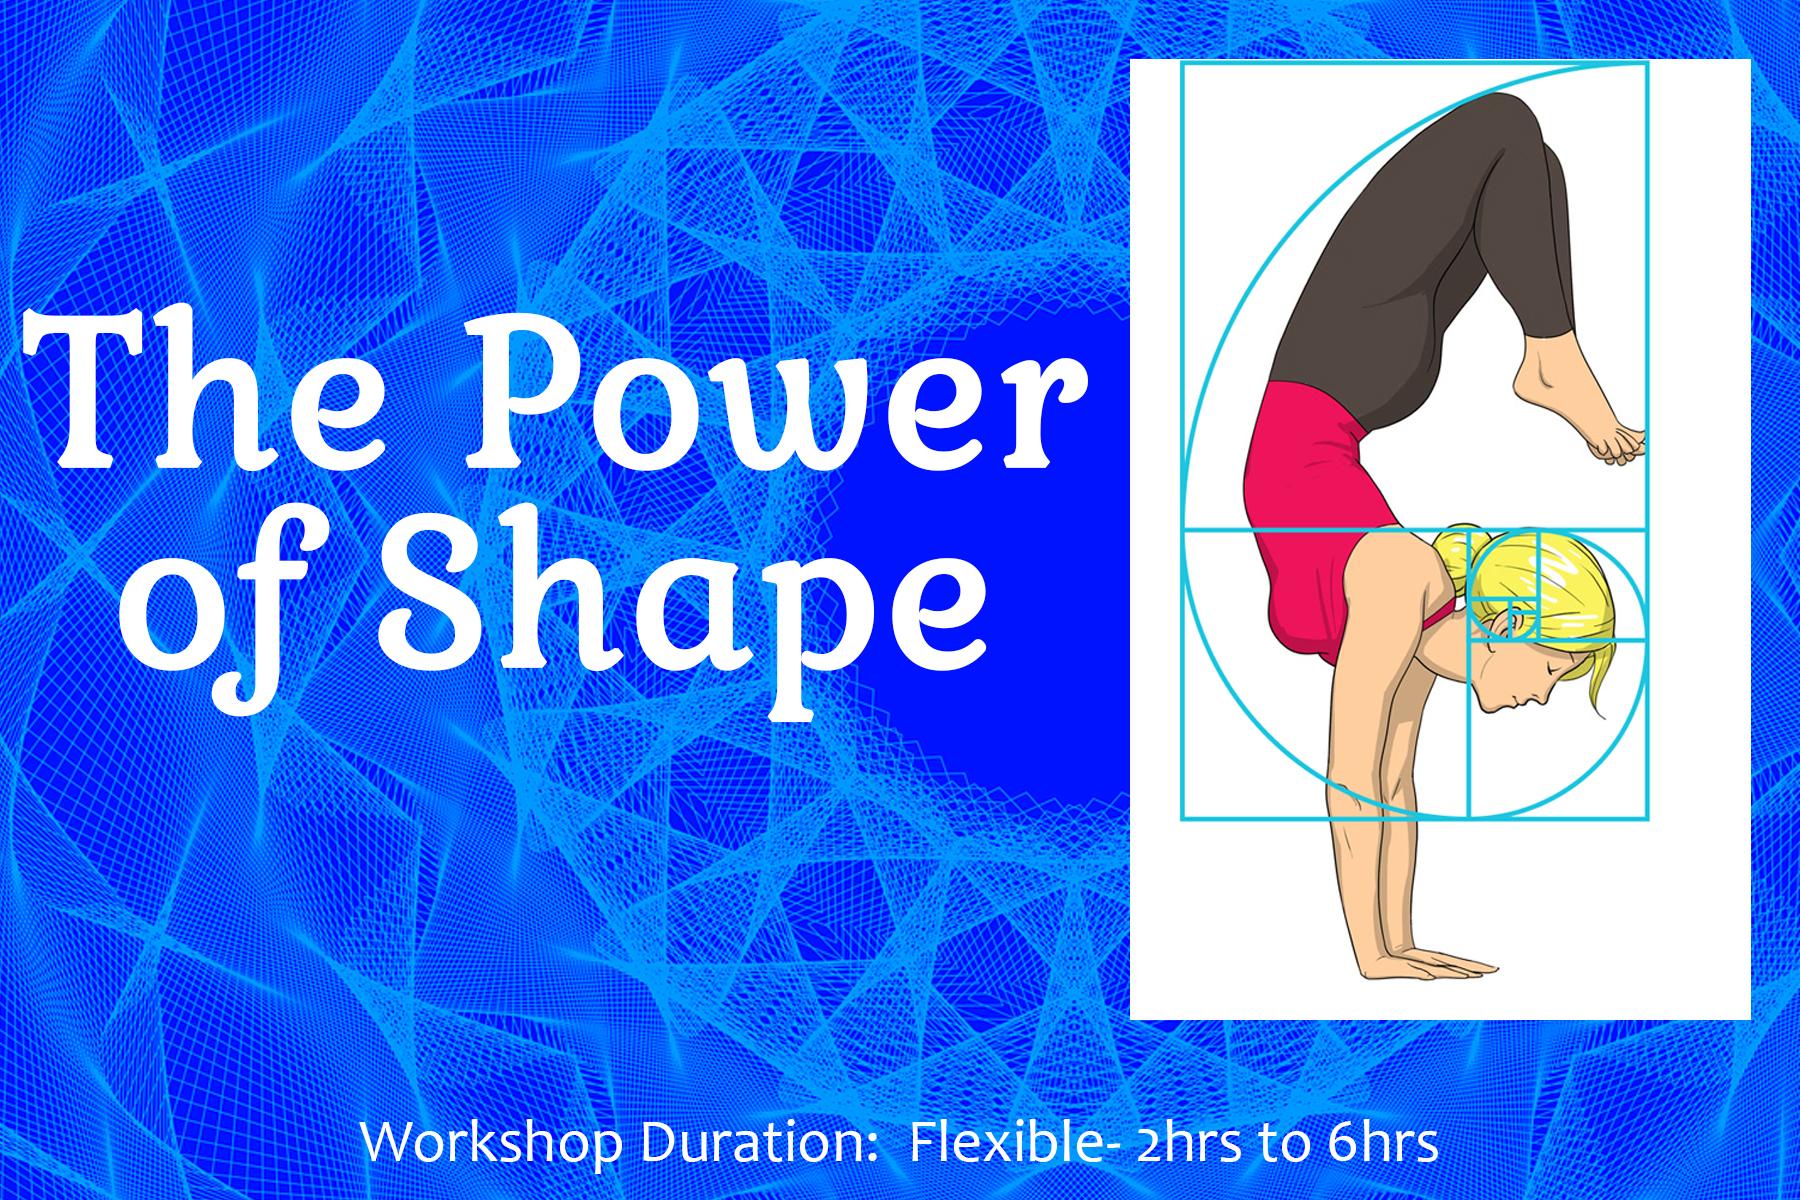 power-shape-img-slide.jpg